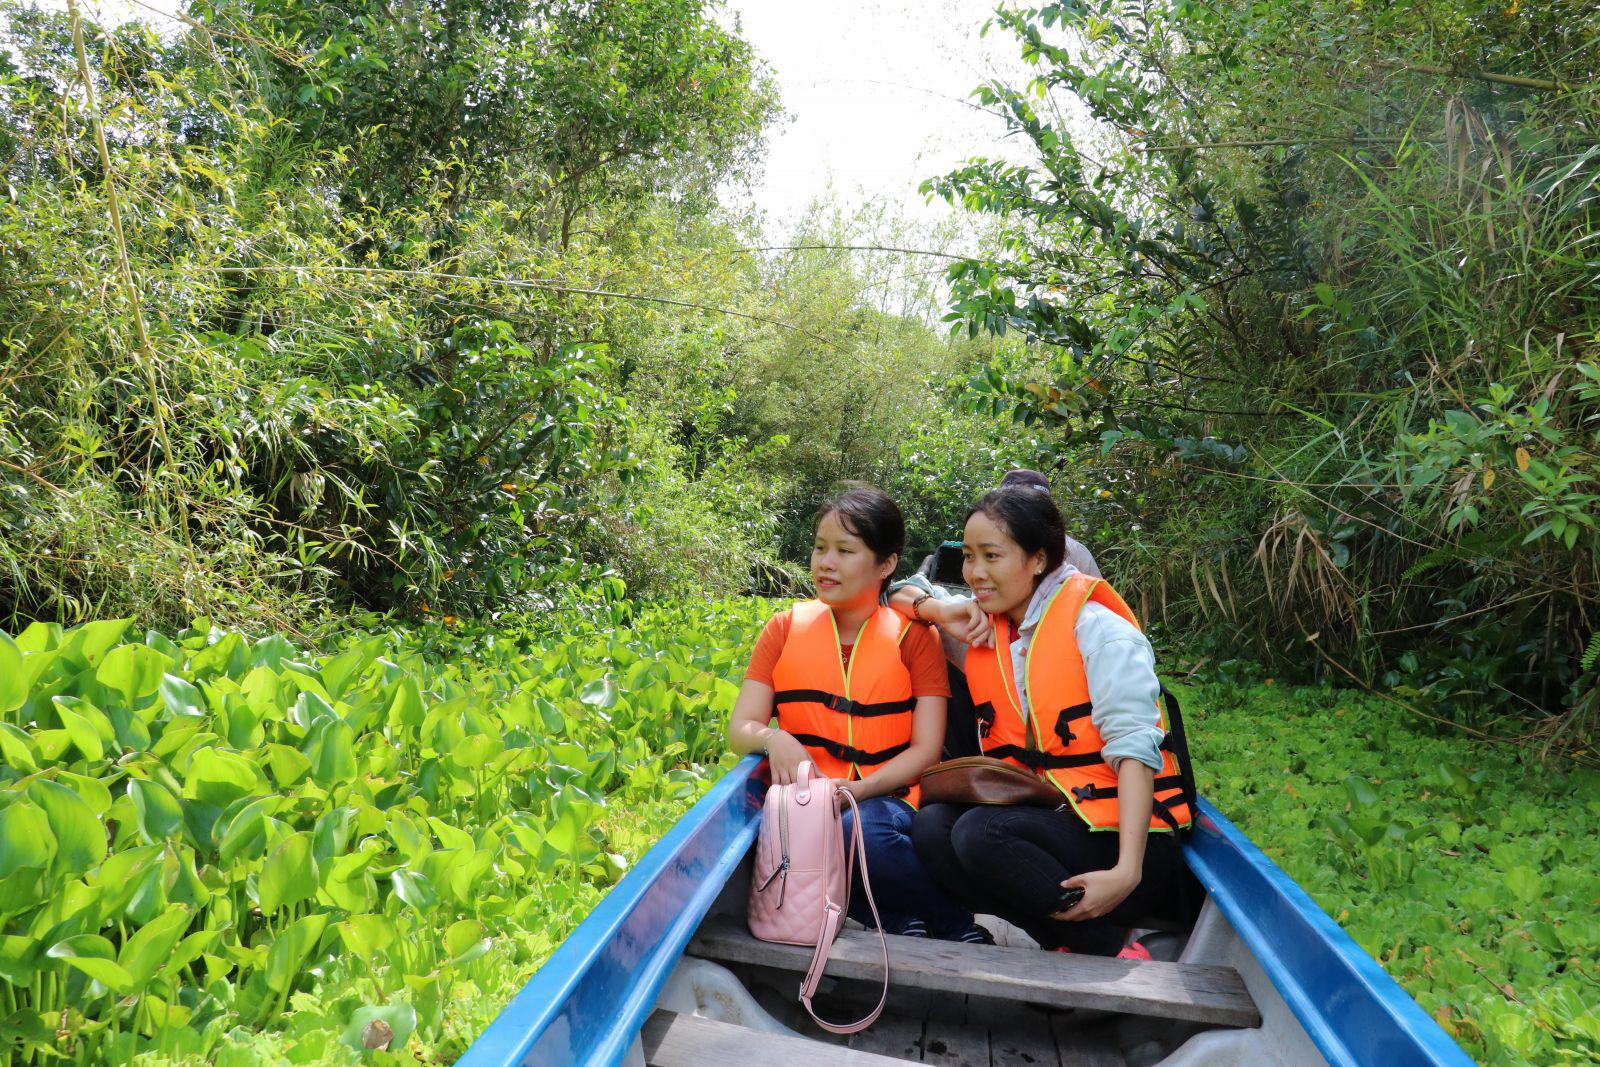 Du khách thích thú khi được đi vỏ lãi len lõi giữa rừng để ngắm nhìn rừng tràm, thảm thực vật dưới nước, như: bèo tai tượng, lục bình…